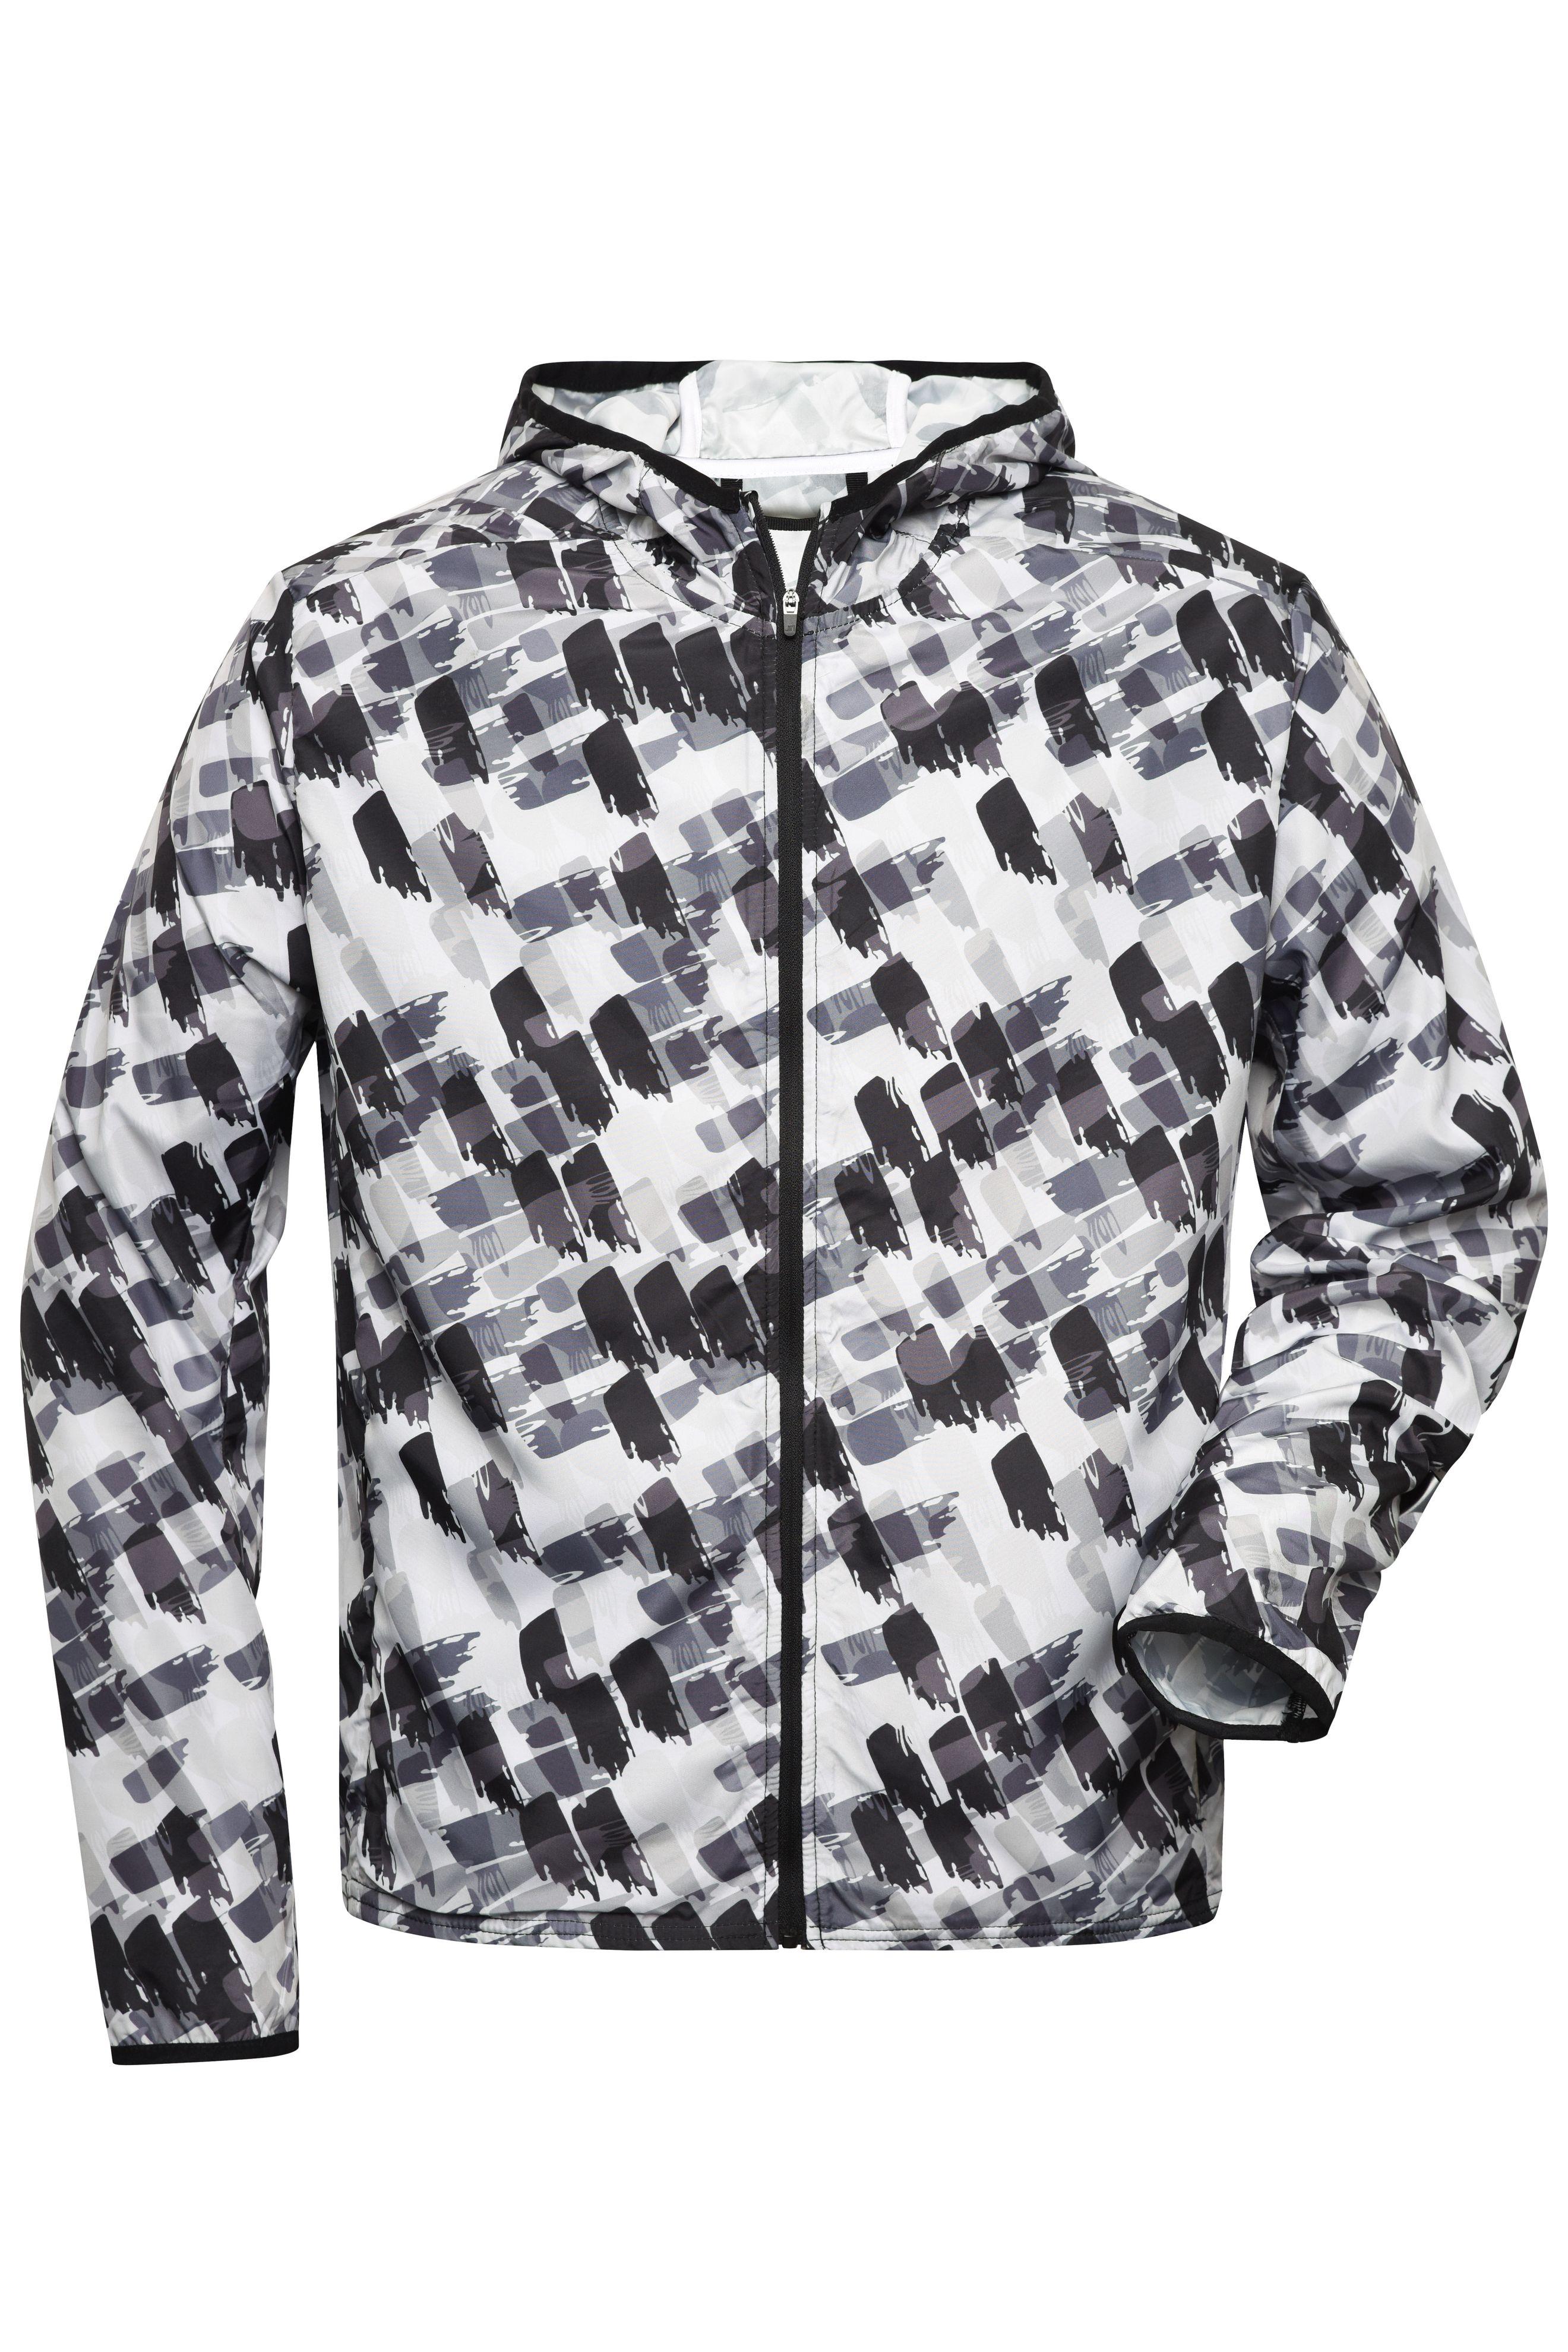 Leichte Jacke aus recyceltem Polyester für Sport und Freizeit